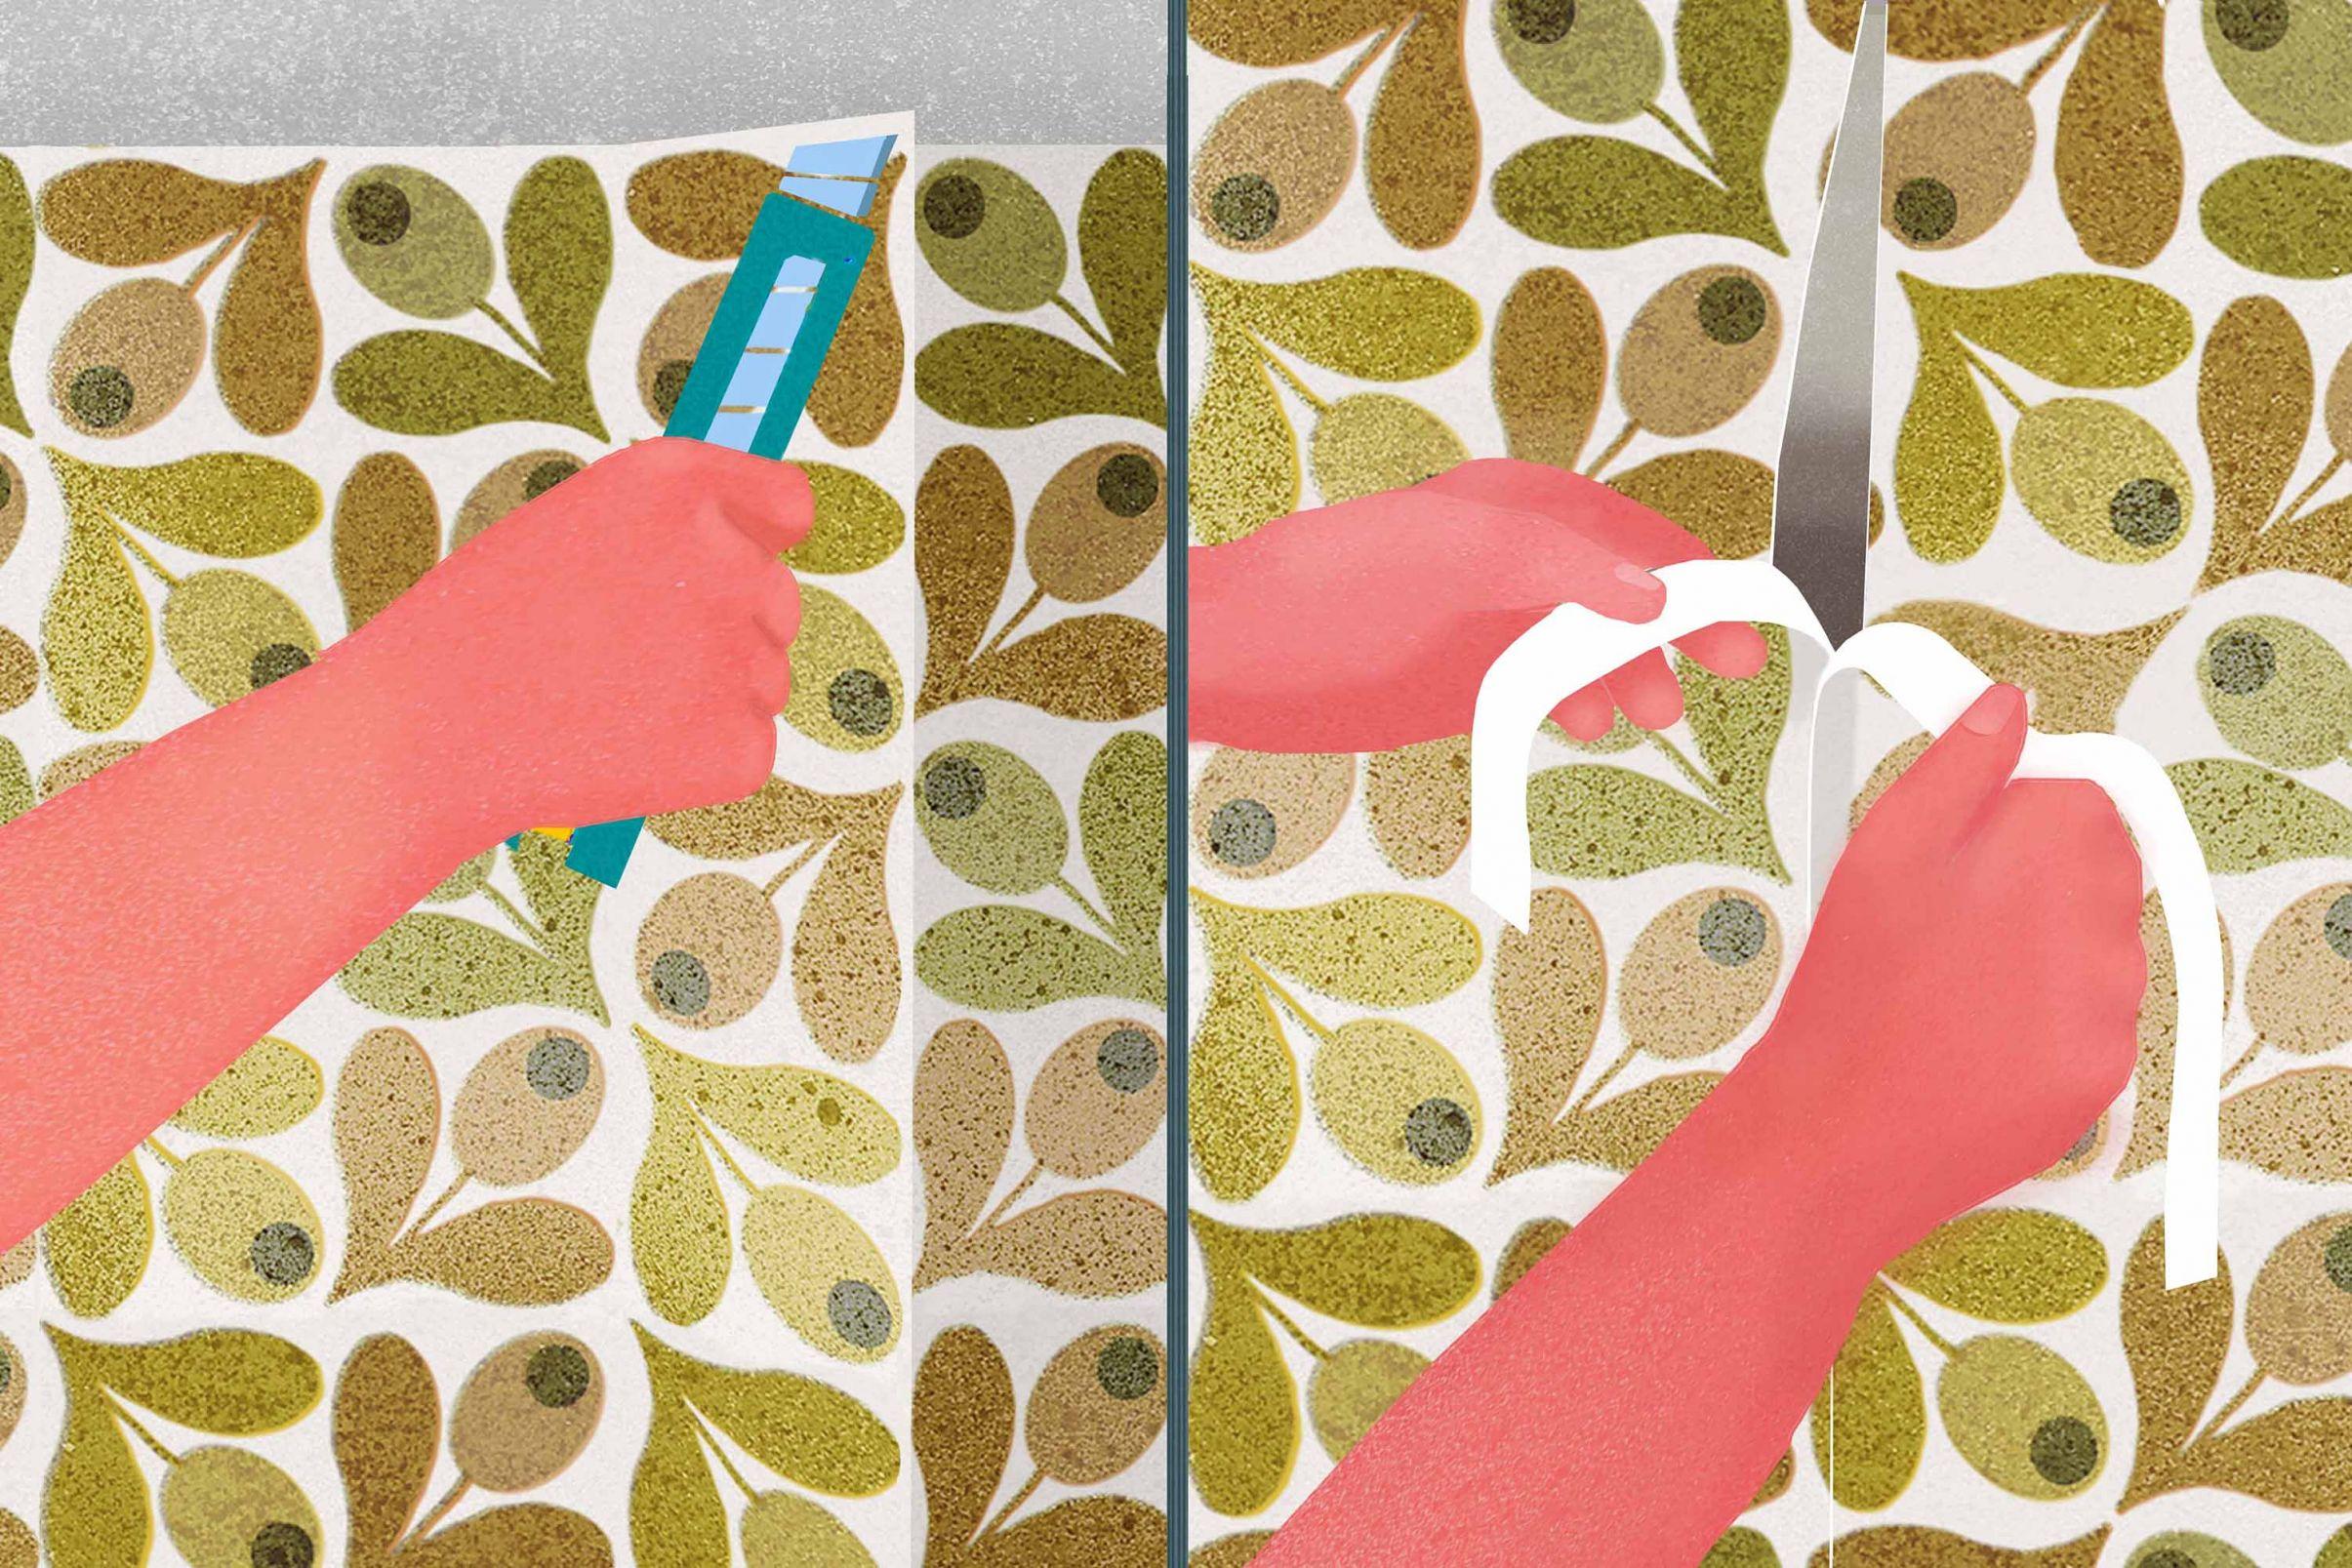 Como-aplicar-papel-de-parede-ao-redor-de-janelas-e-portas-Remover-a-sobra-com-um-corte-de-costura-dupla